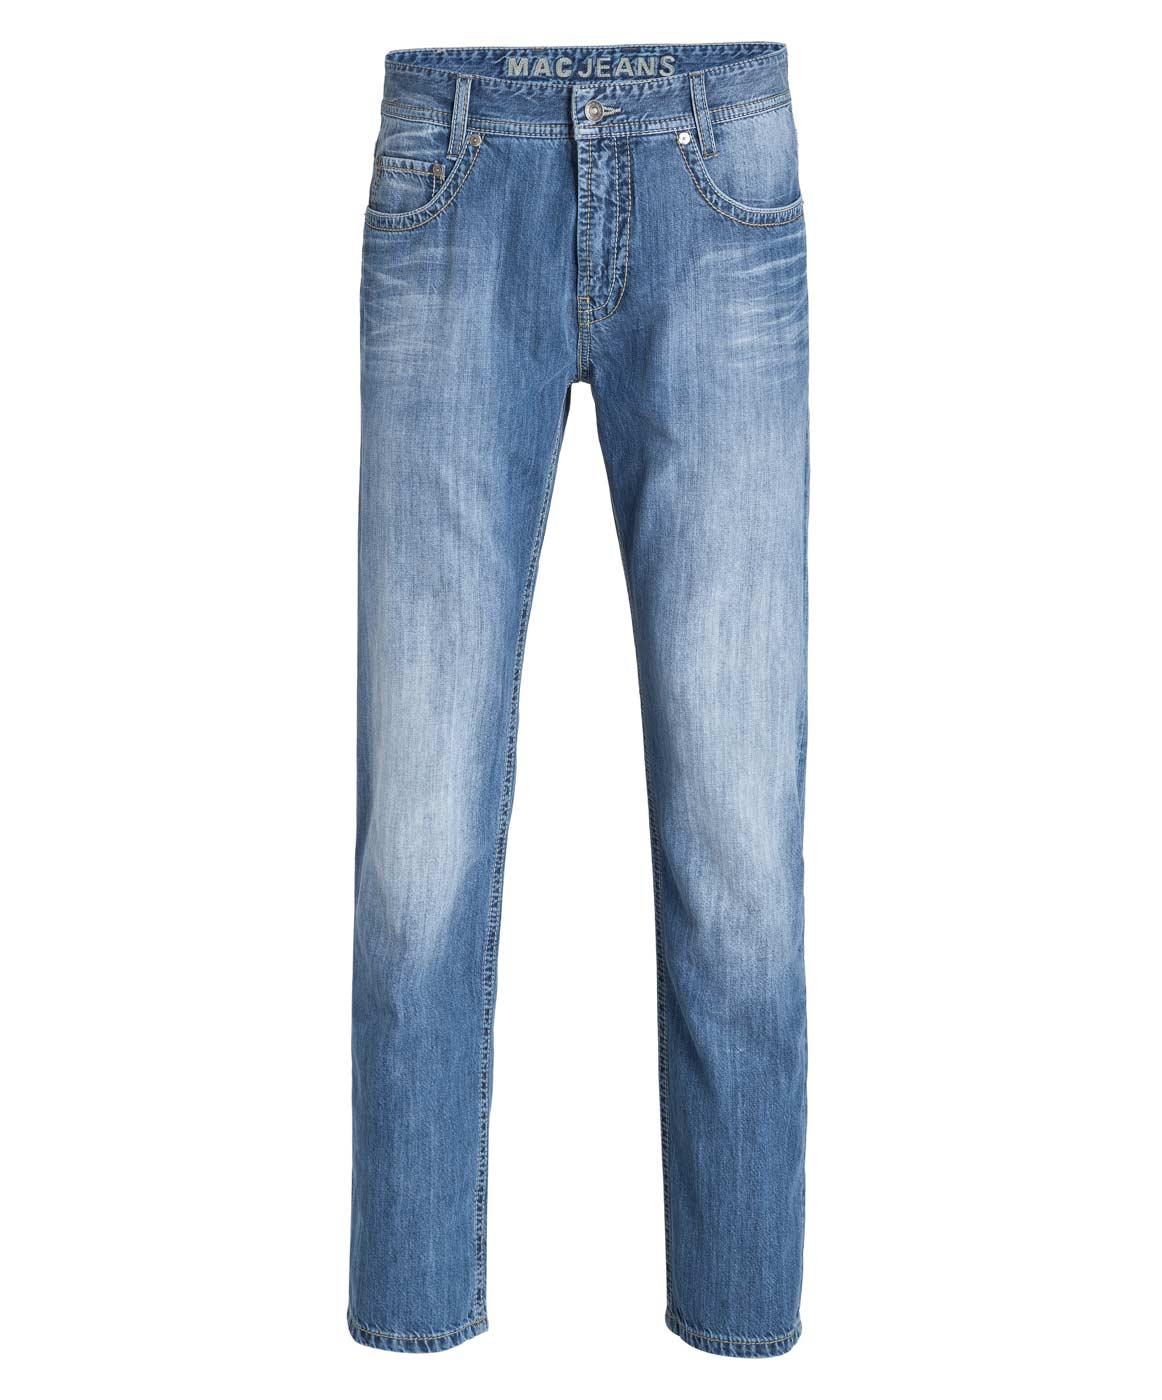 Mac Arne Jeans - Light Denim - Legend Authentic Blue